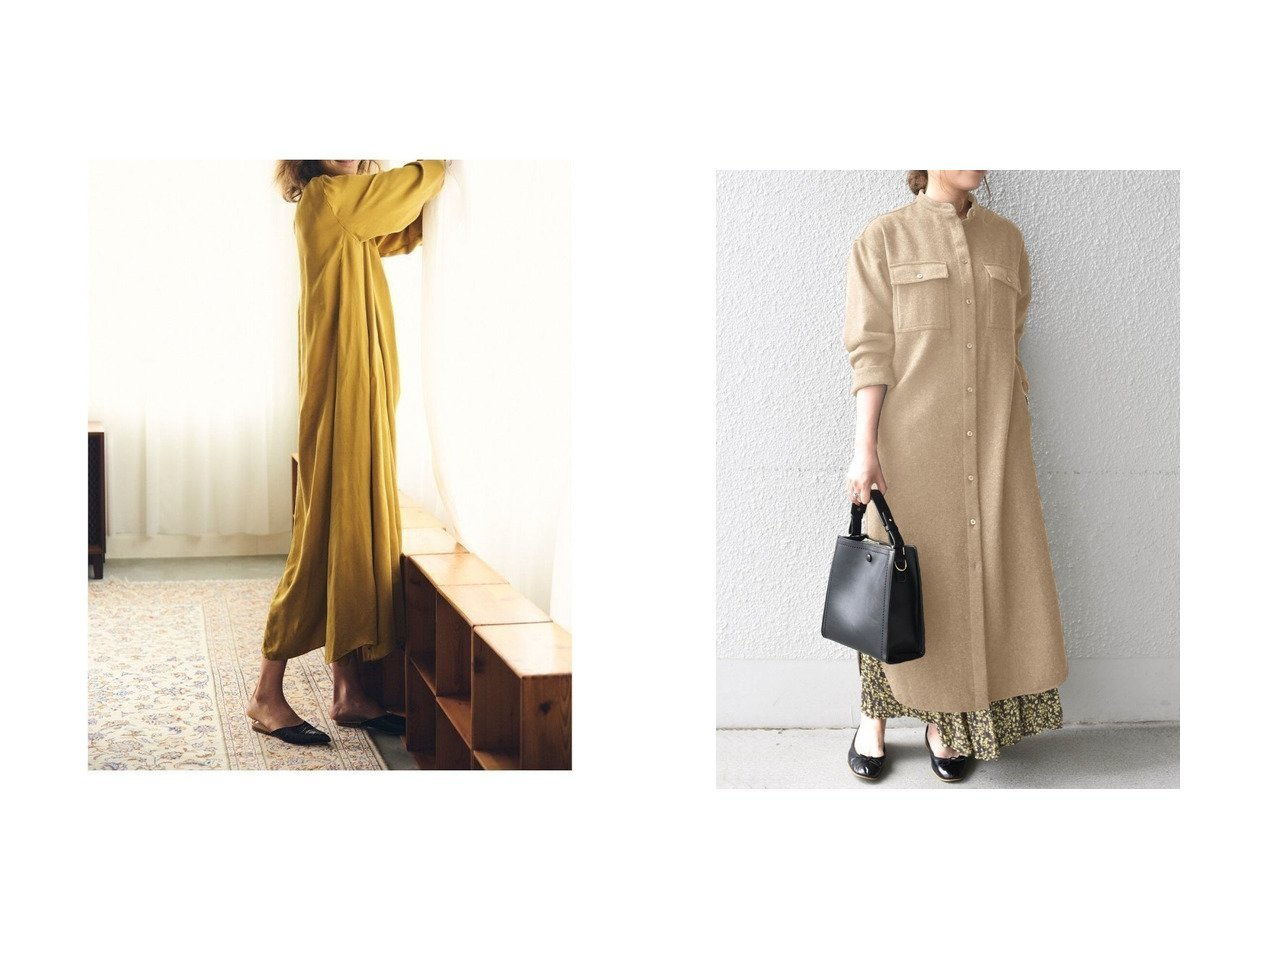 【SHIPS any/シップス エニィ】のSHIPS any: ウール メランジ シャツワンピース&【Demi-Luxe BEAMS/デミルクス ビームス】のAK+ タック ロングワンピース ワンピース・ドレスのおすすめ!人気、トレンド・レディースファッションの通販  おすすめで人気の流行・トレンド、ファッションの通販商品 メンズファッション・キッズファッション・インテリア・家具・レディースファッション・服の通販 founy(ファニー) https://founy.com/ ファッション Fashion レディースファッション WOMEN ワンピース Dress シャツワンピース Shirt Dresses エレガント キュプラ クラシカル スリーブ パターン ブラウジング ベーシック メンズ ロング インナー カフス ショルダー スタンド タートルネック ドロップ バランス ポケット メランジ 冬 Winter |ID:crp329100000010199